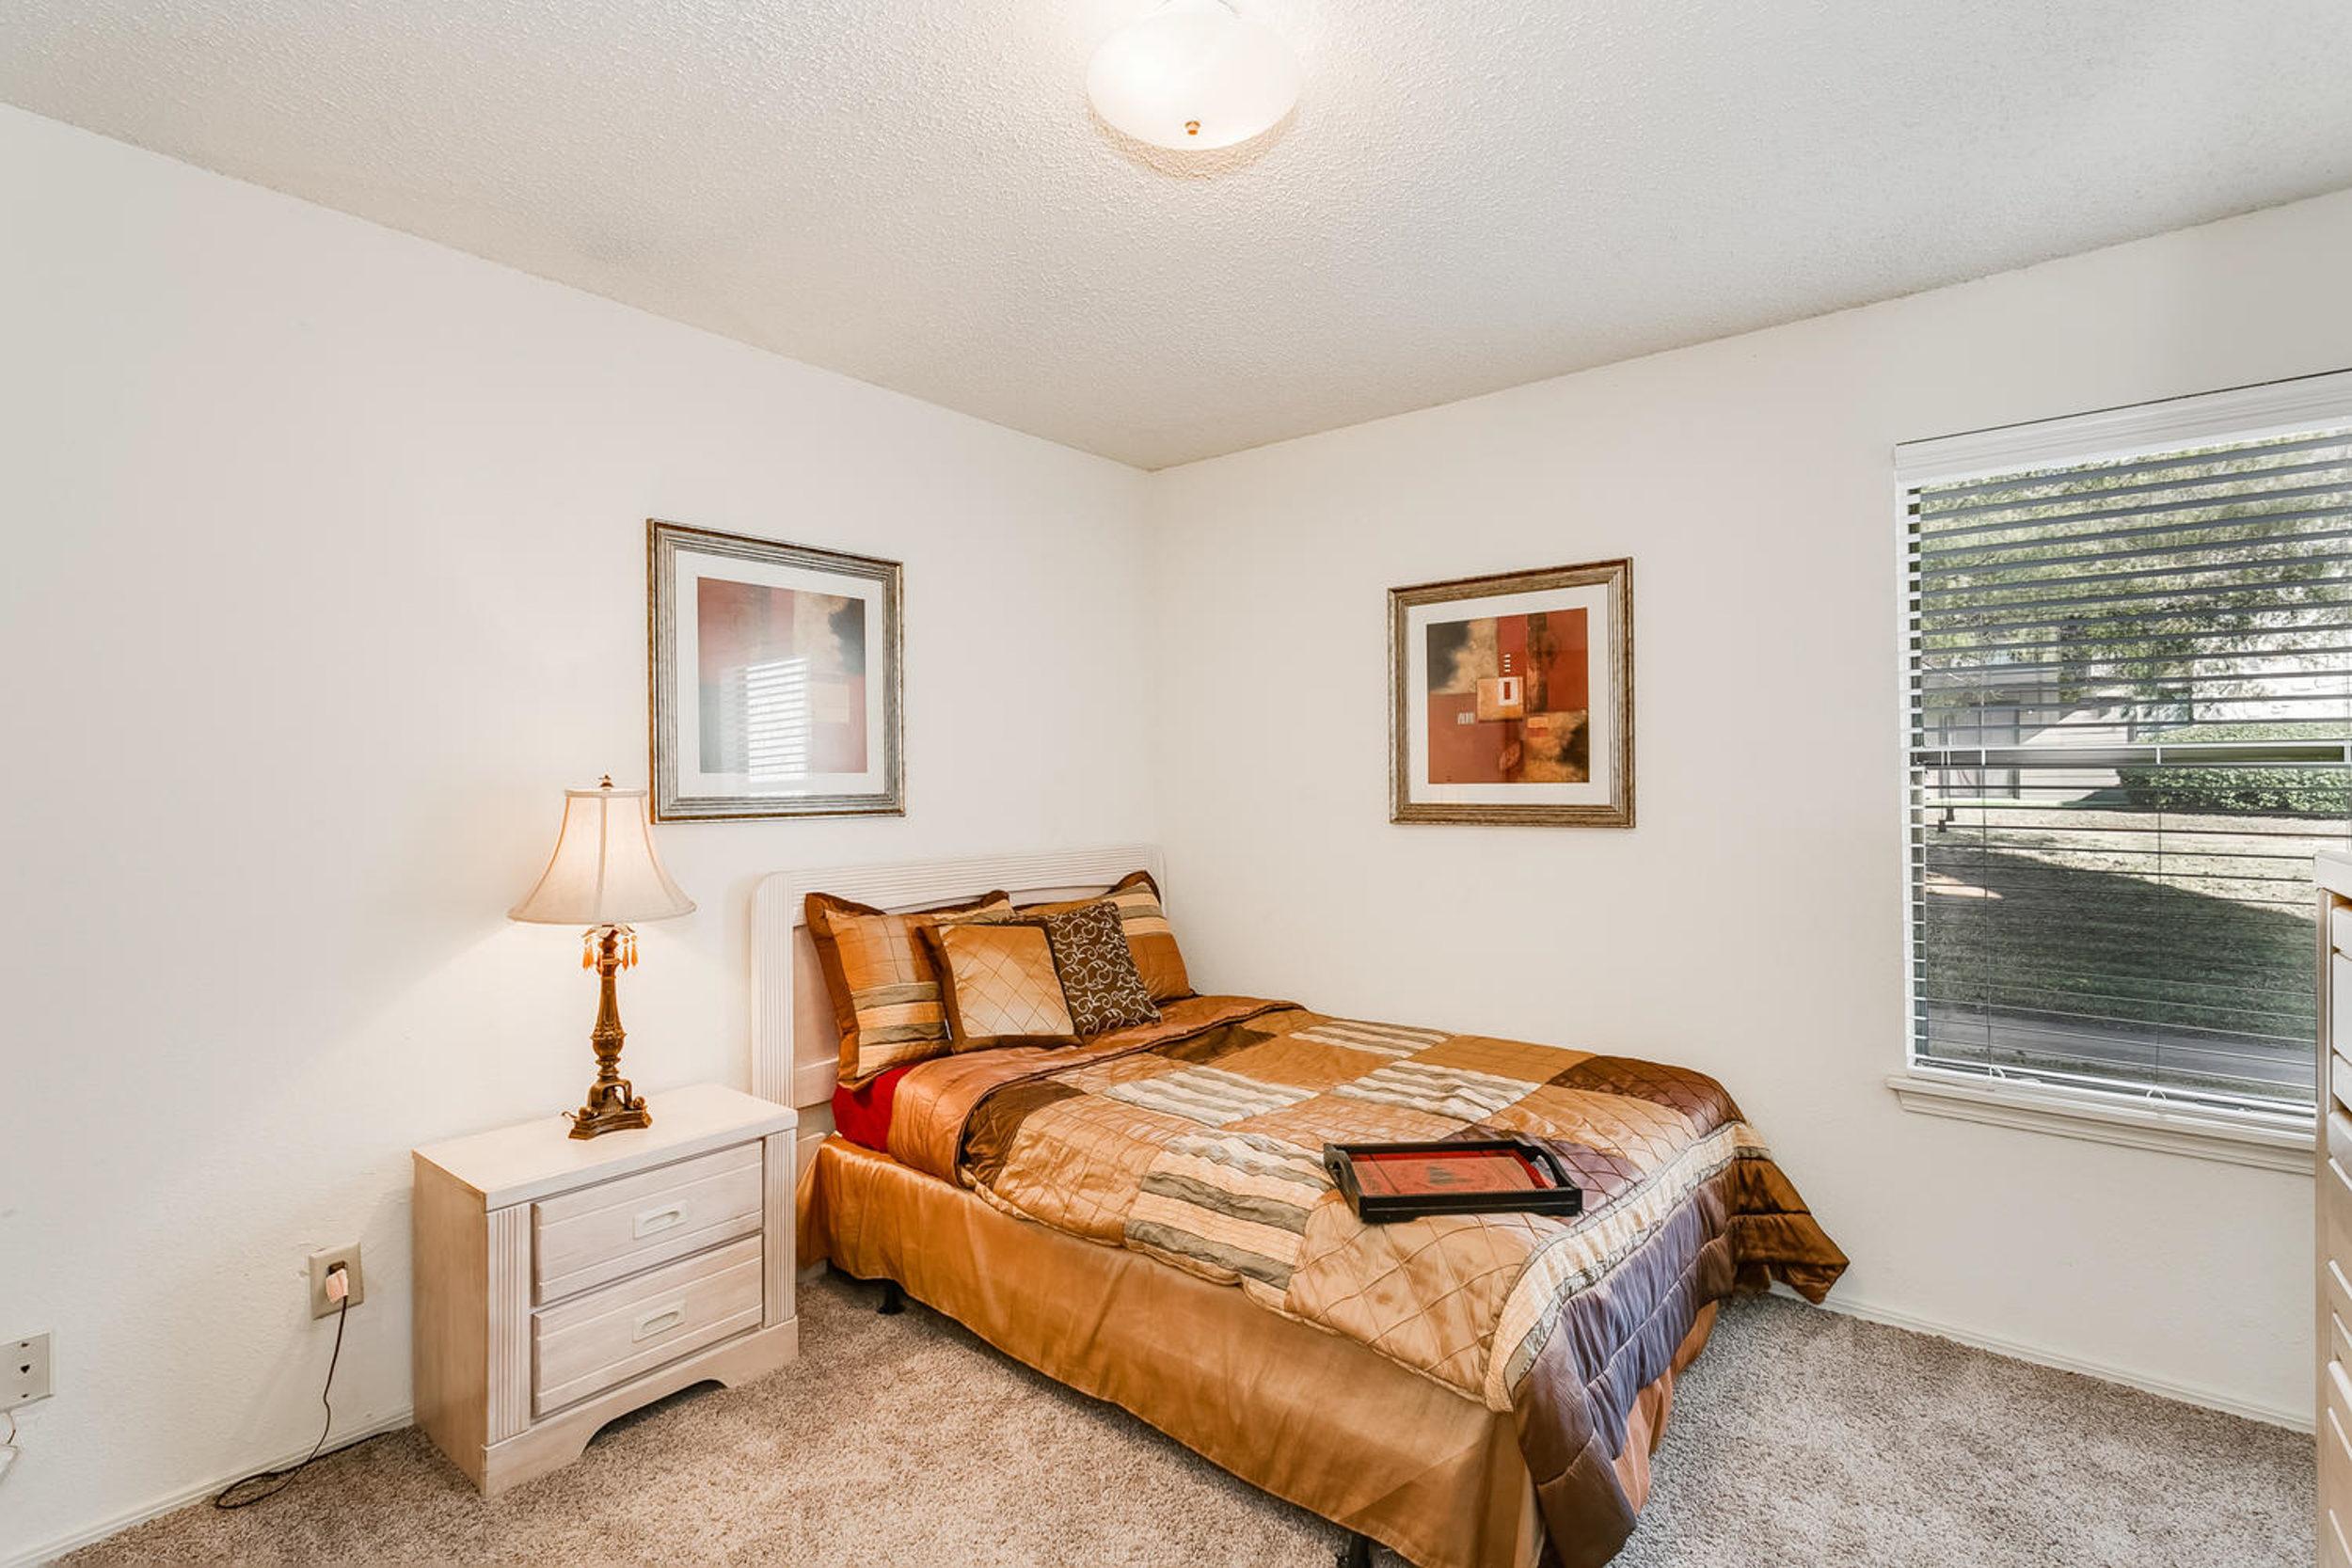 2607 E Albany St Broken Arrow-print-012-12-Bedroom 2-2500x1667-300dpi